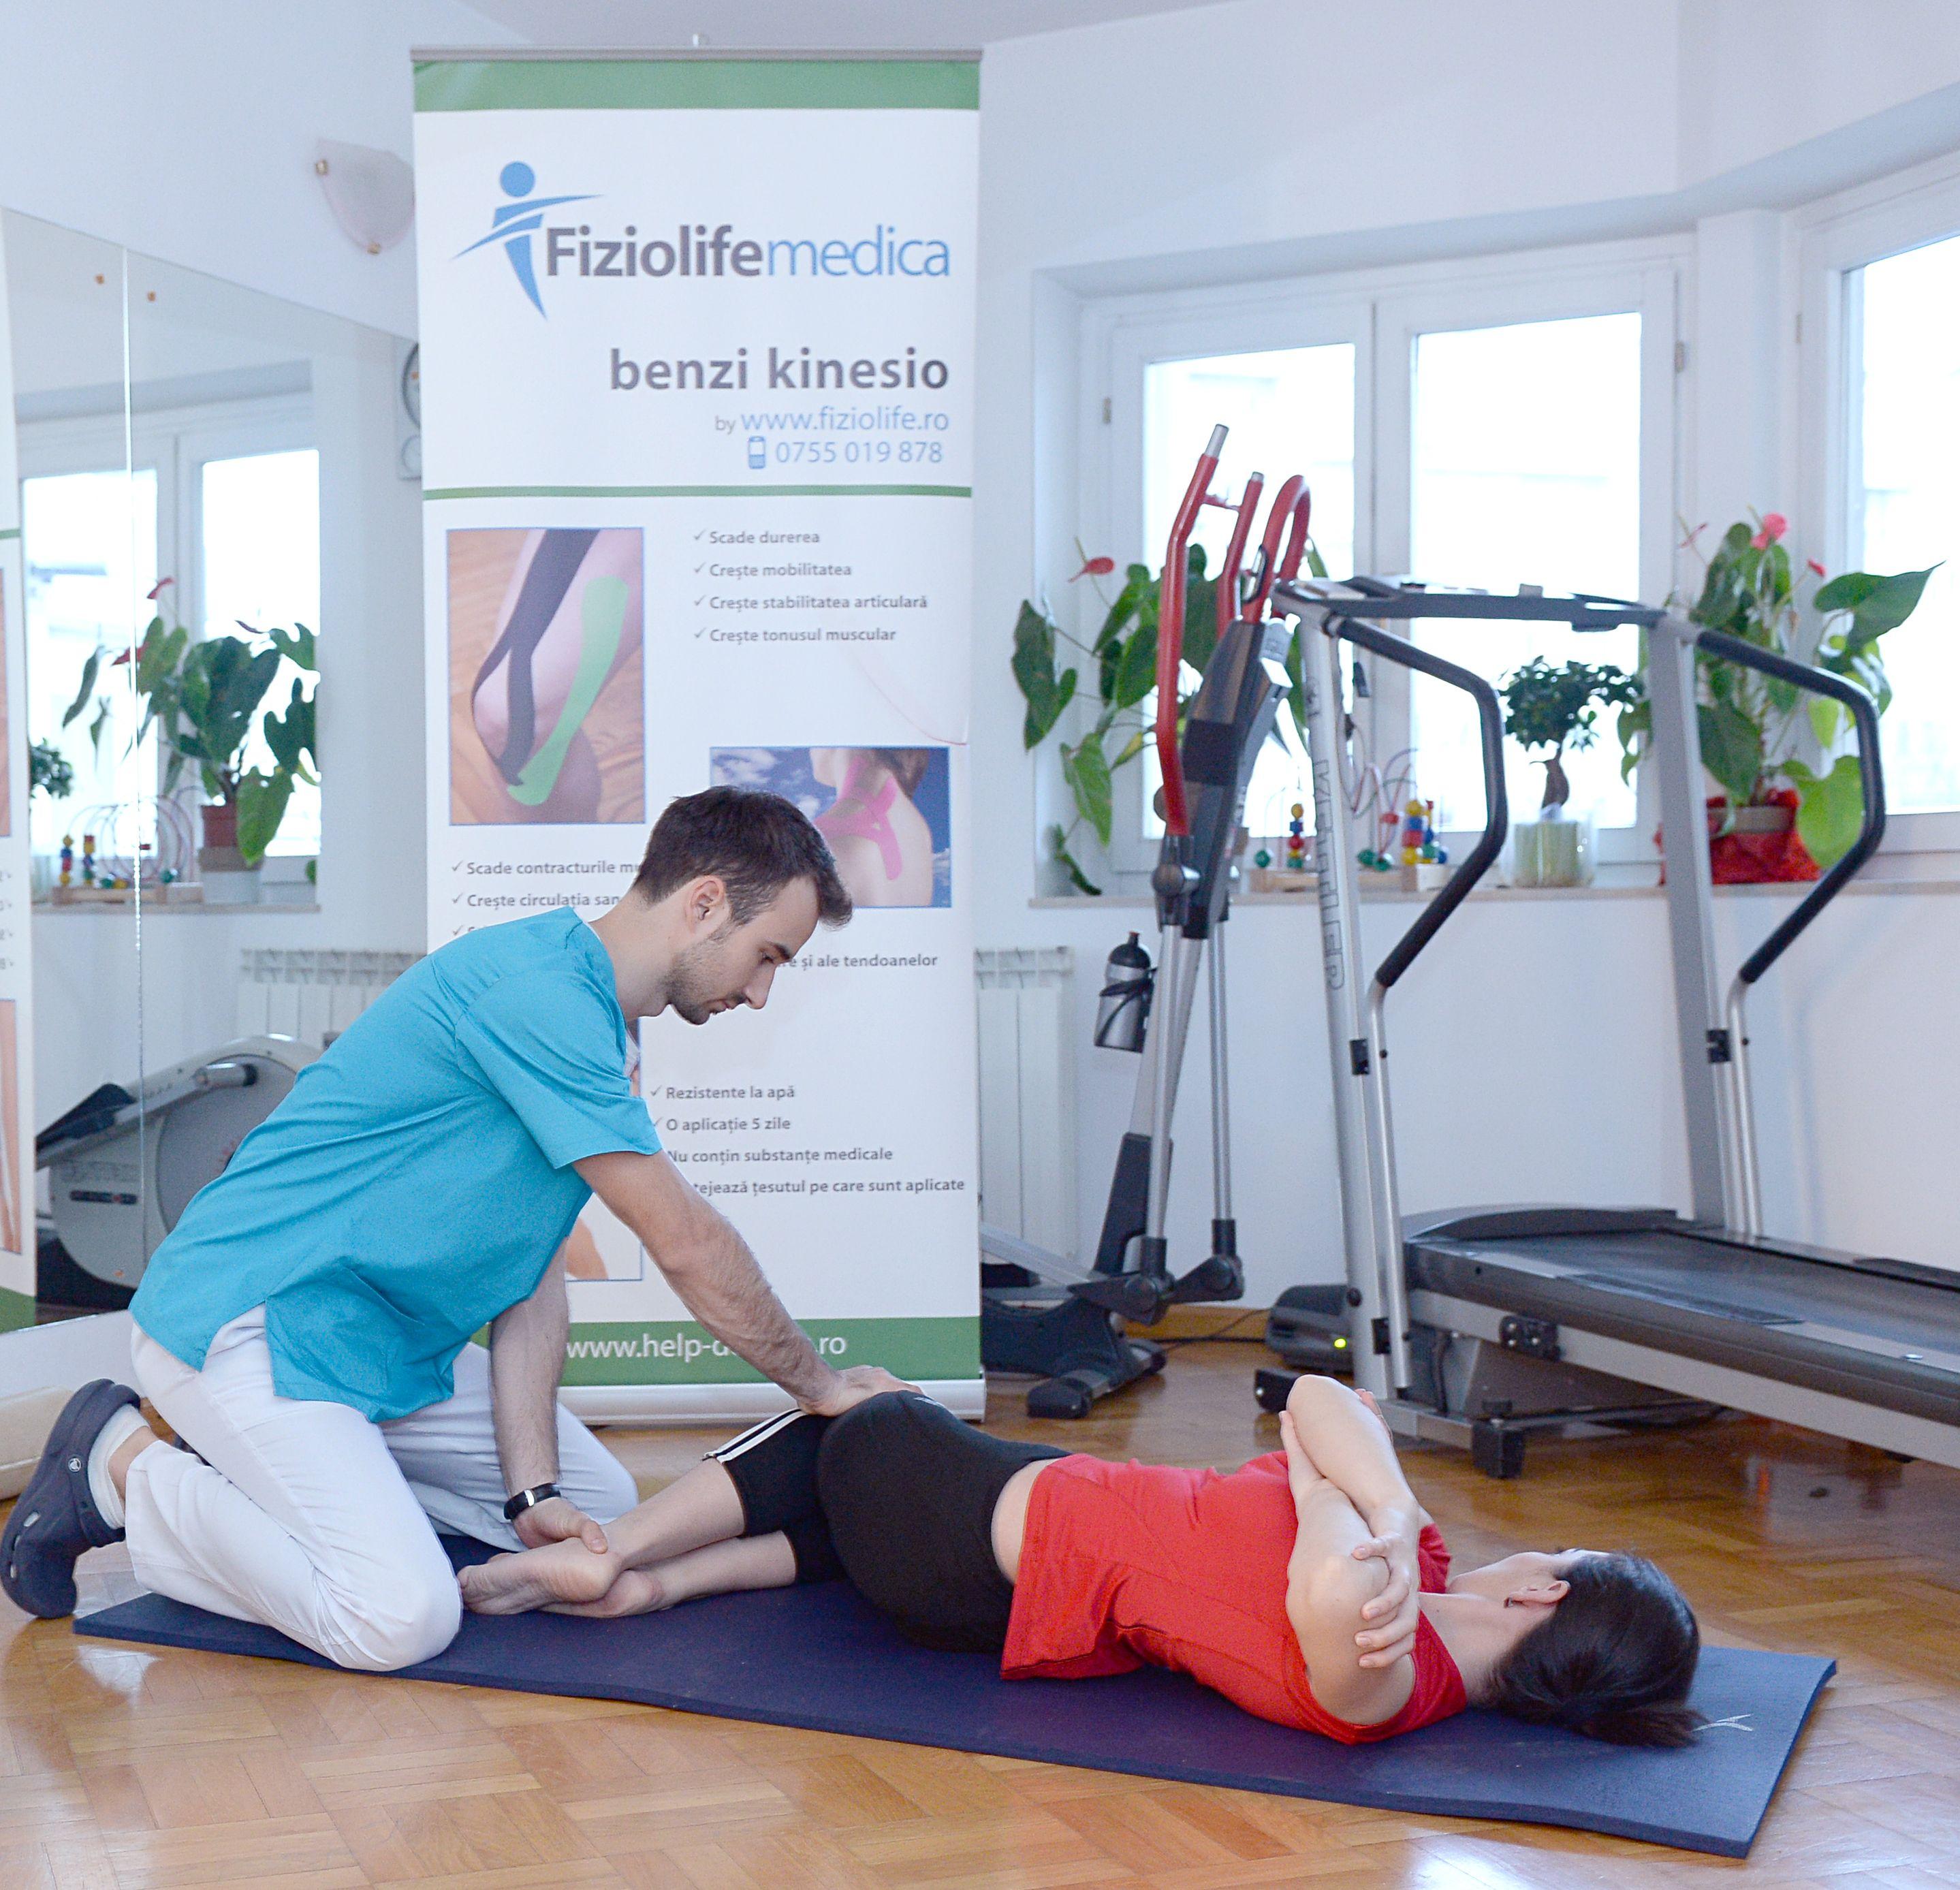 Recuperare si fizioterapie | Terapia Tecar | Laserterapia | Clinica MedSport